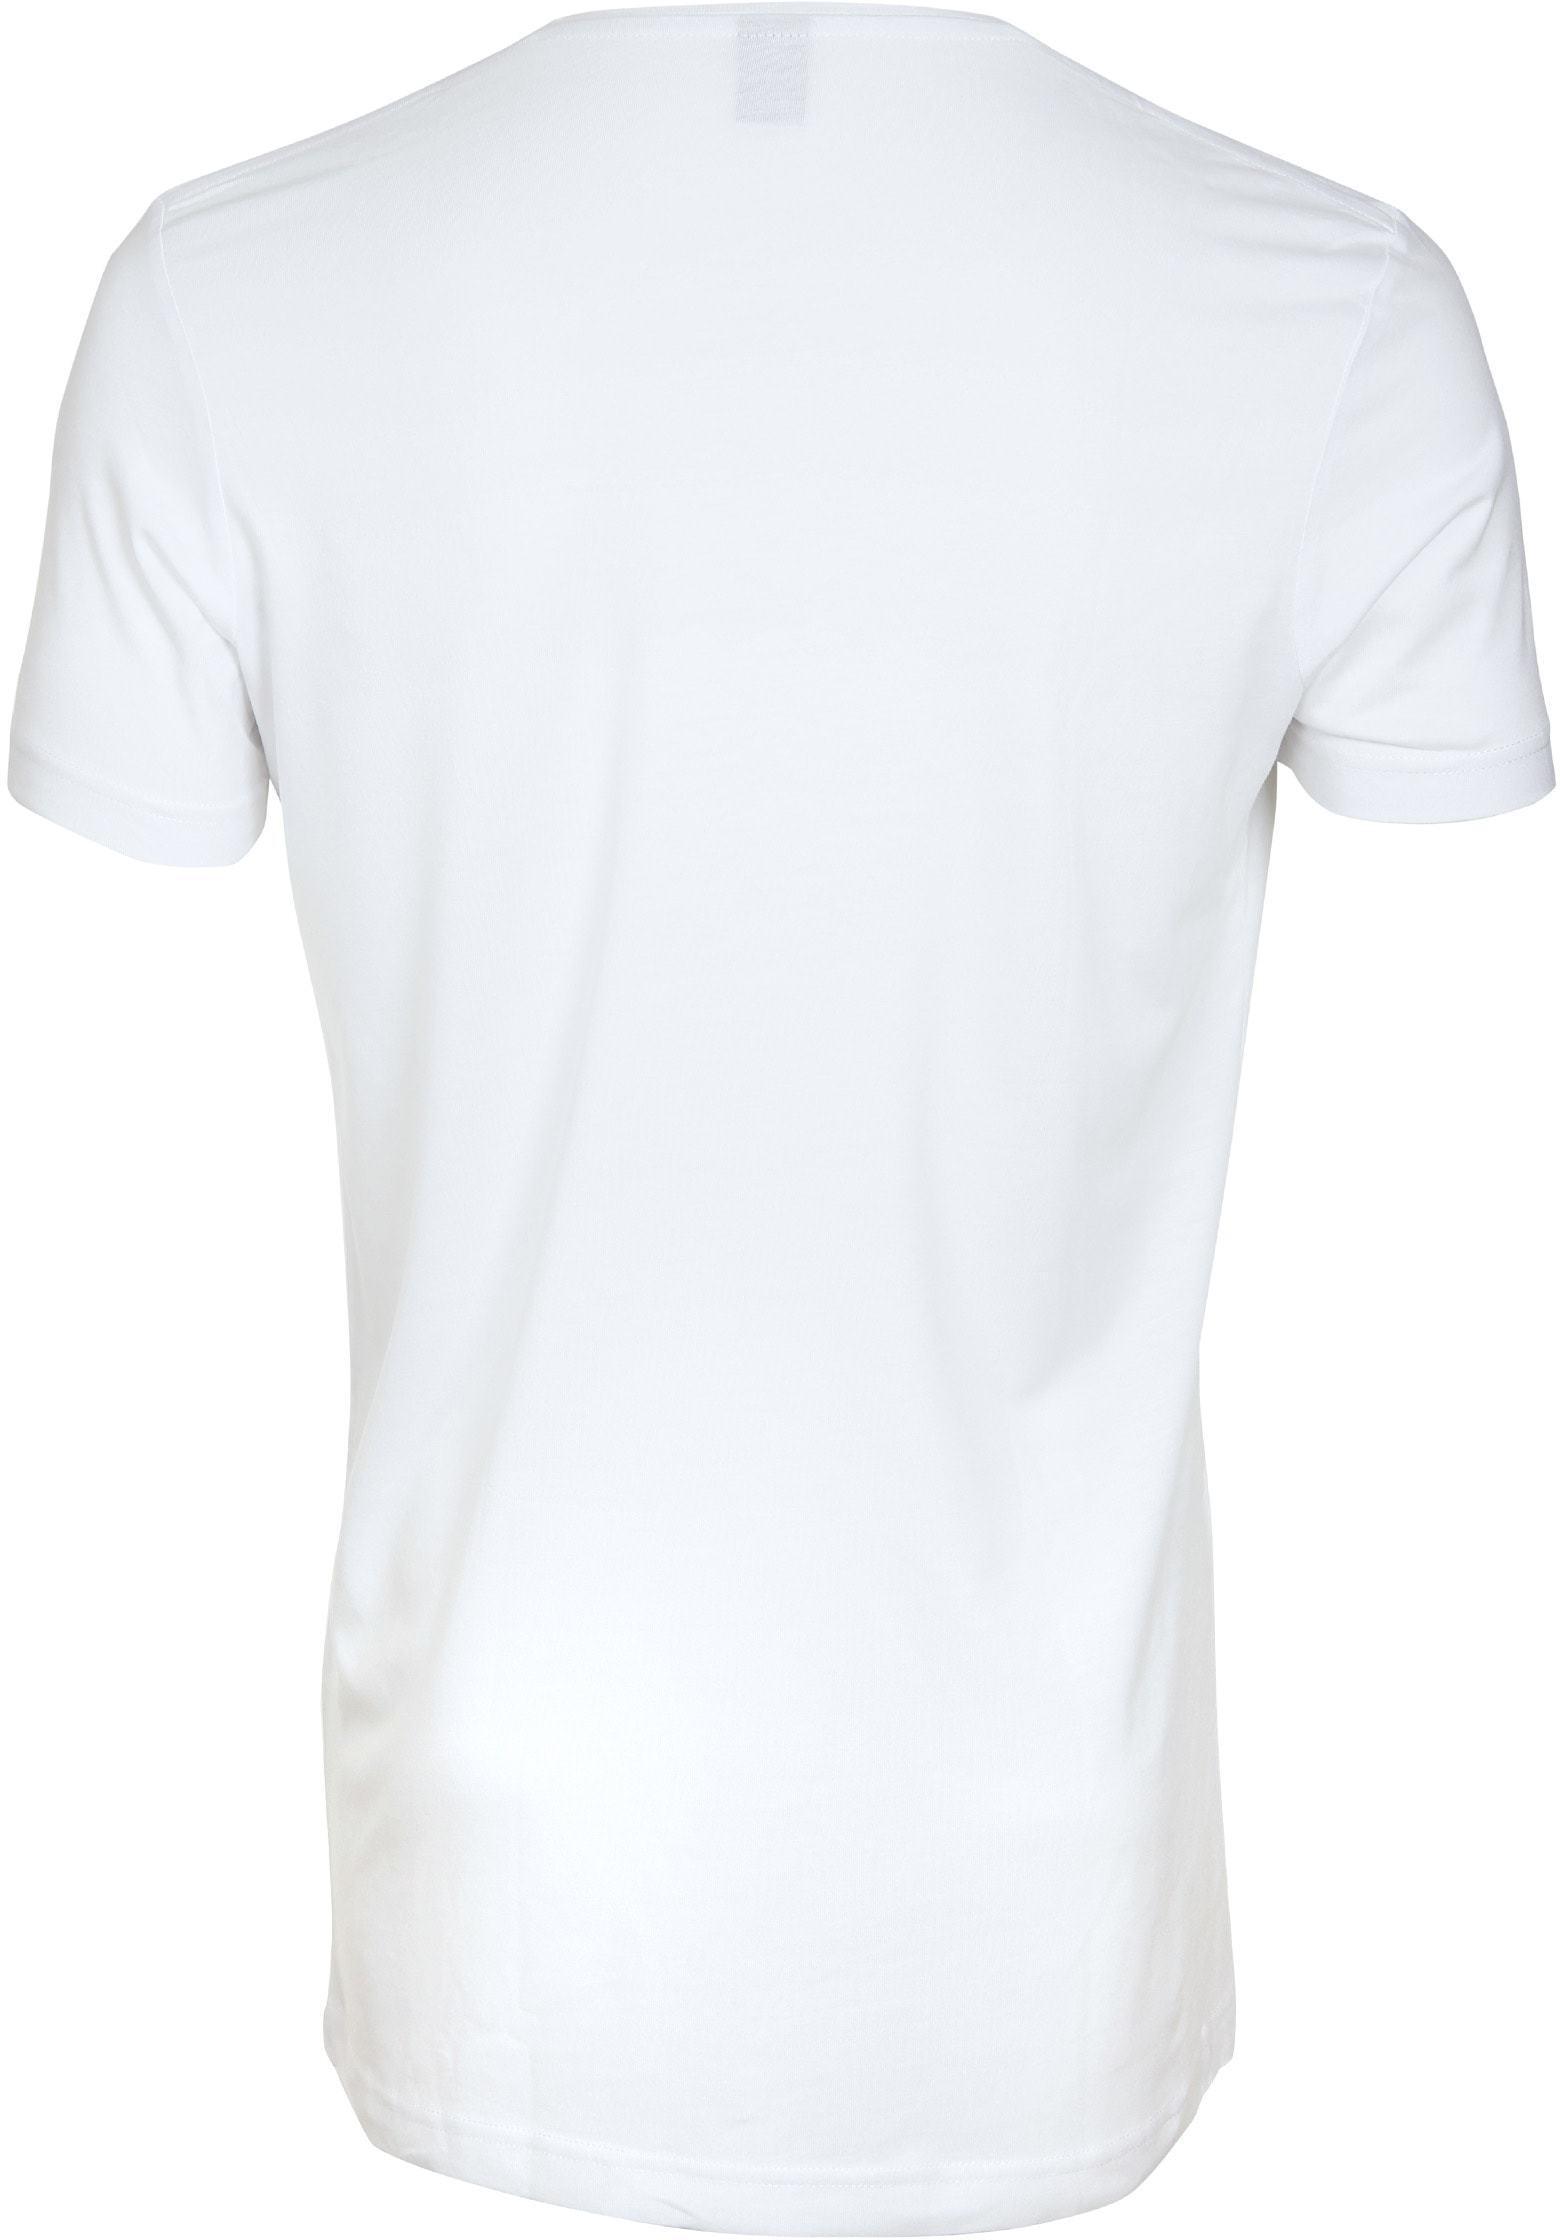 V-Ausschnitt 6-Pack Bambus T-Shirt Weiß foto 2